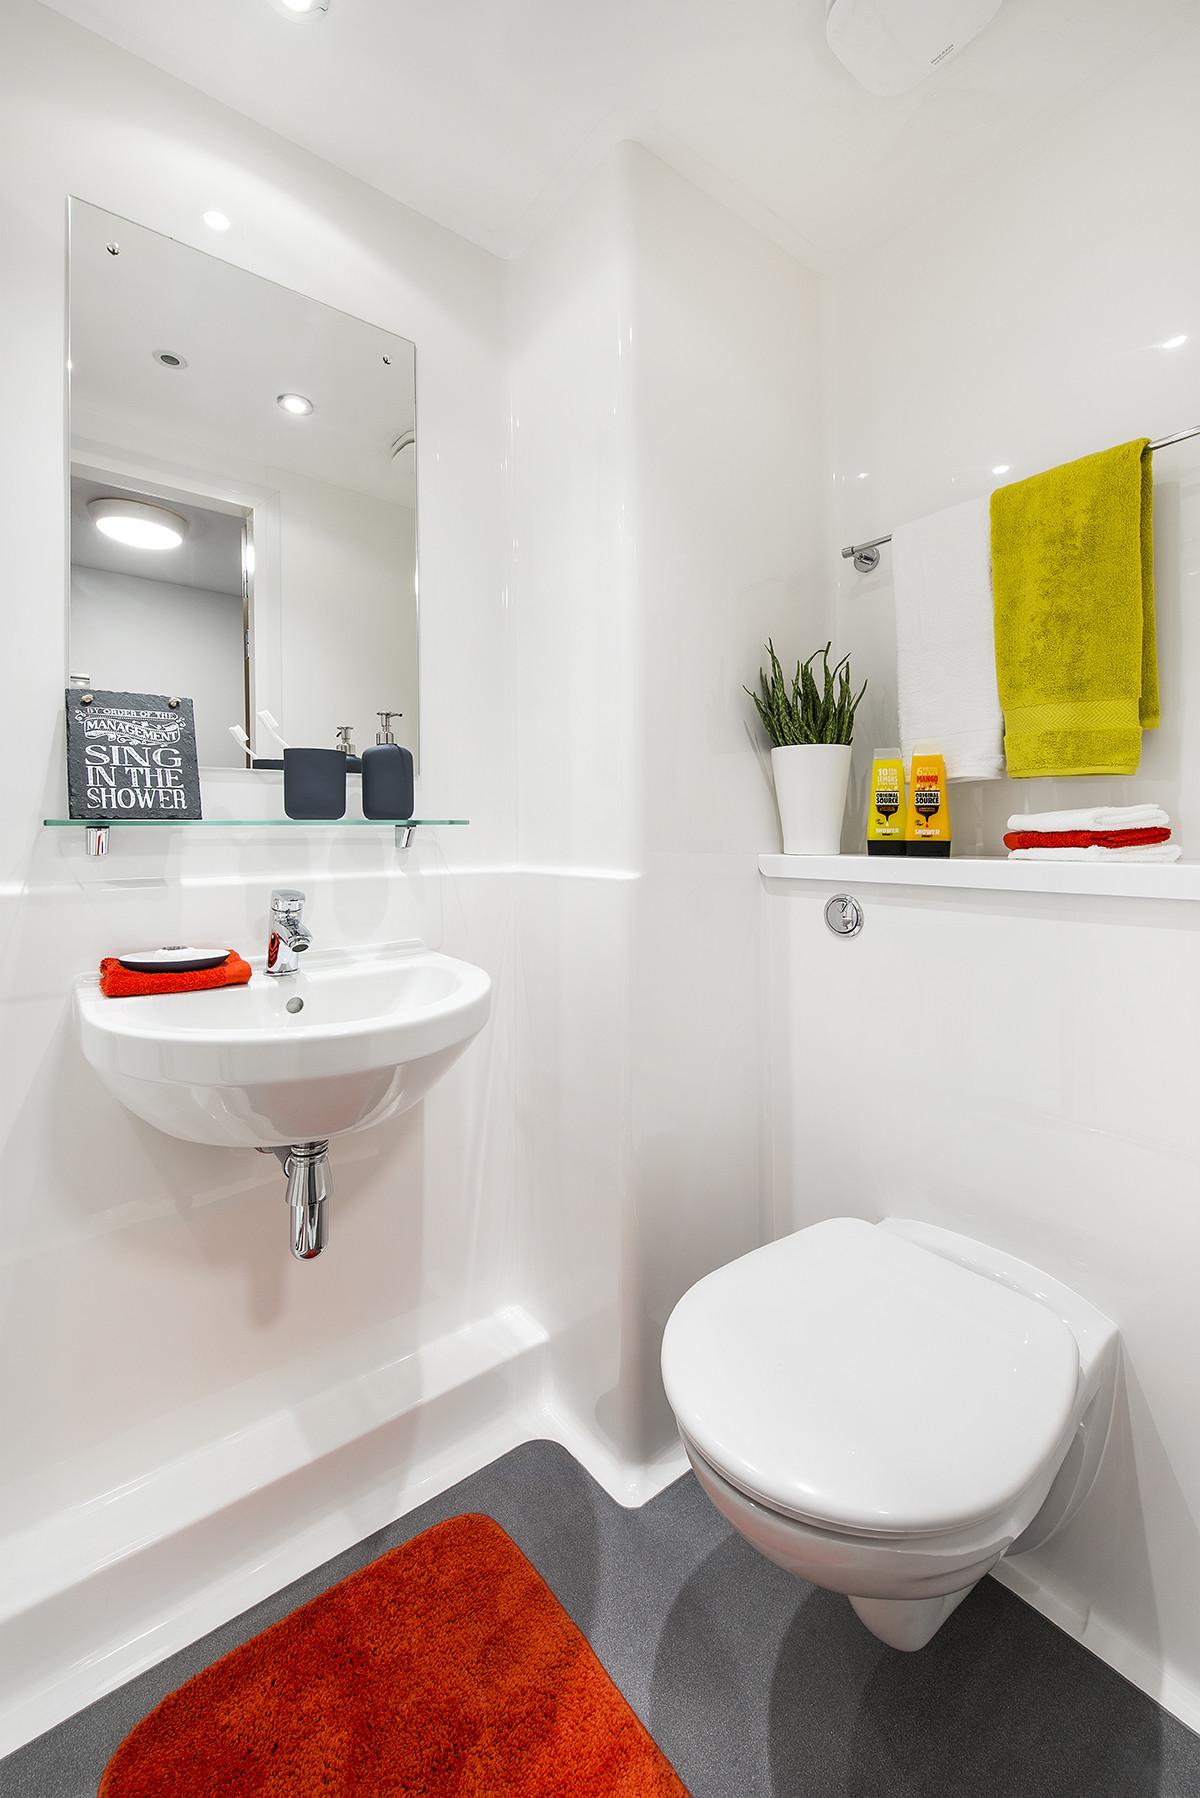 Camera disponibile in un alloggio per studenti e giovani ...